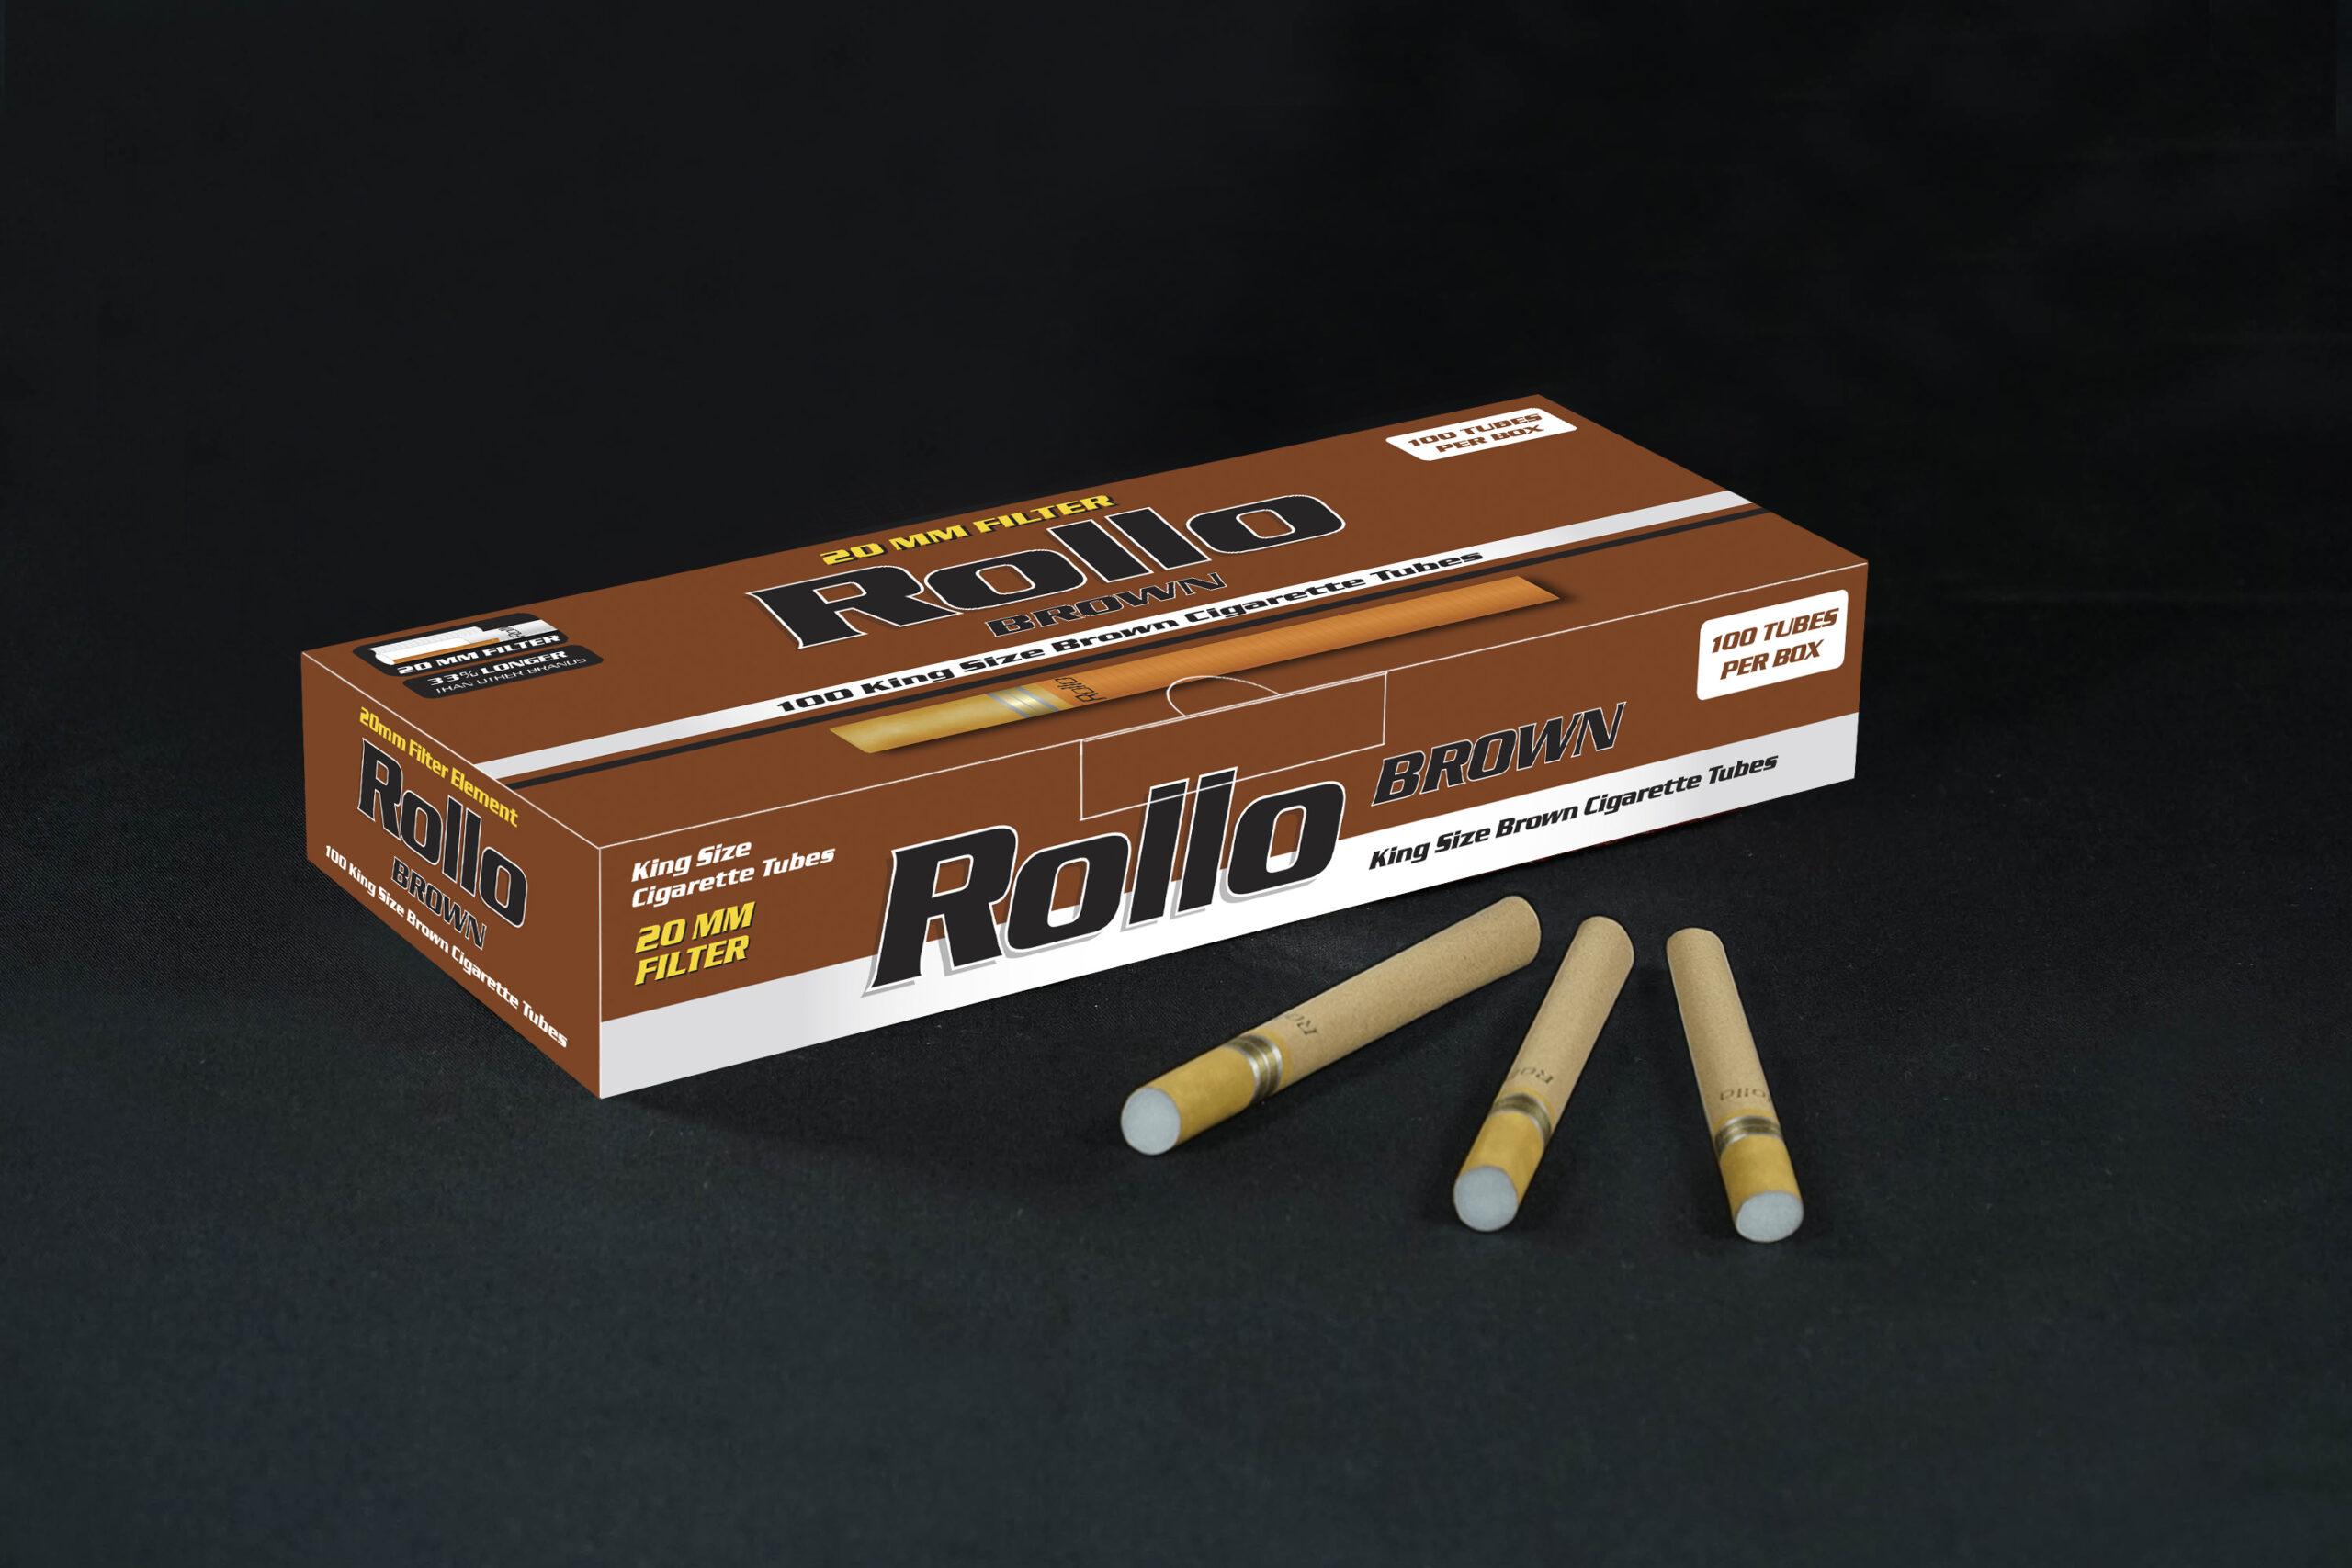 Brown Cigarette Tubes Rollo Brown 100 CT